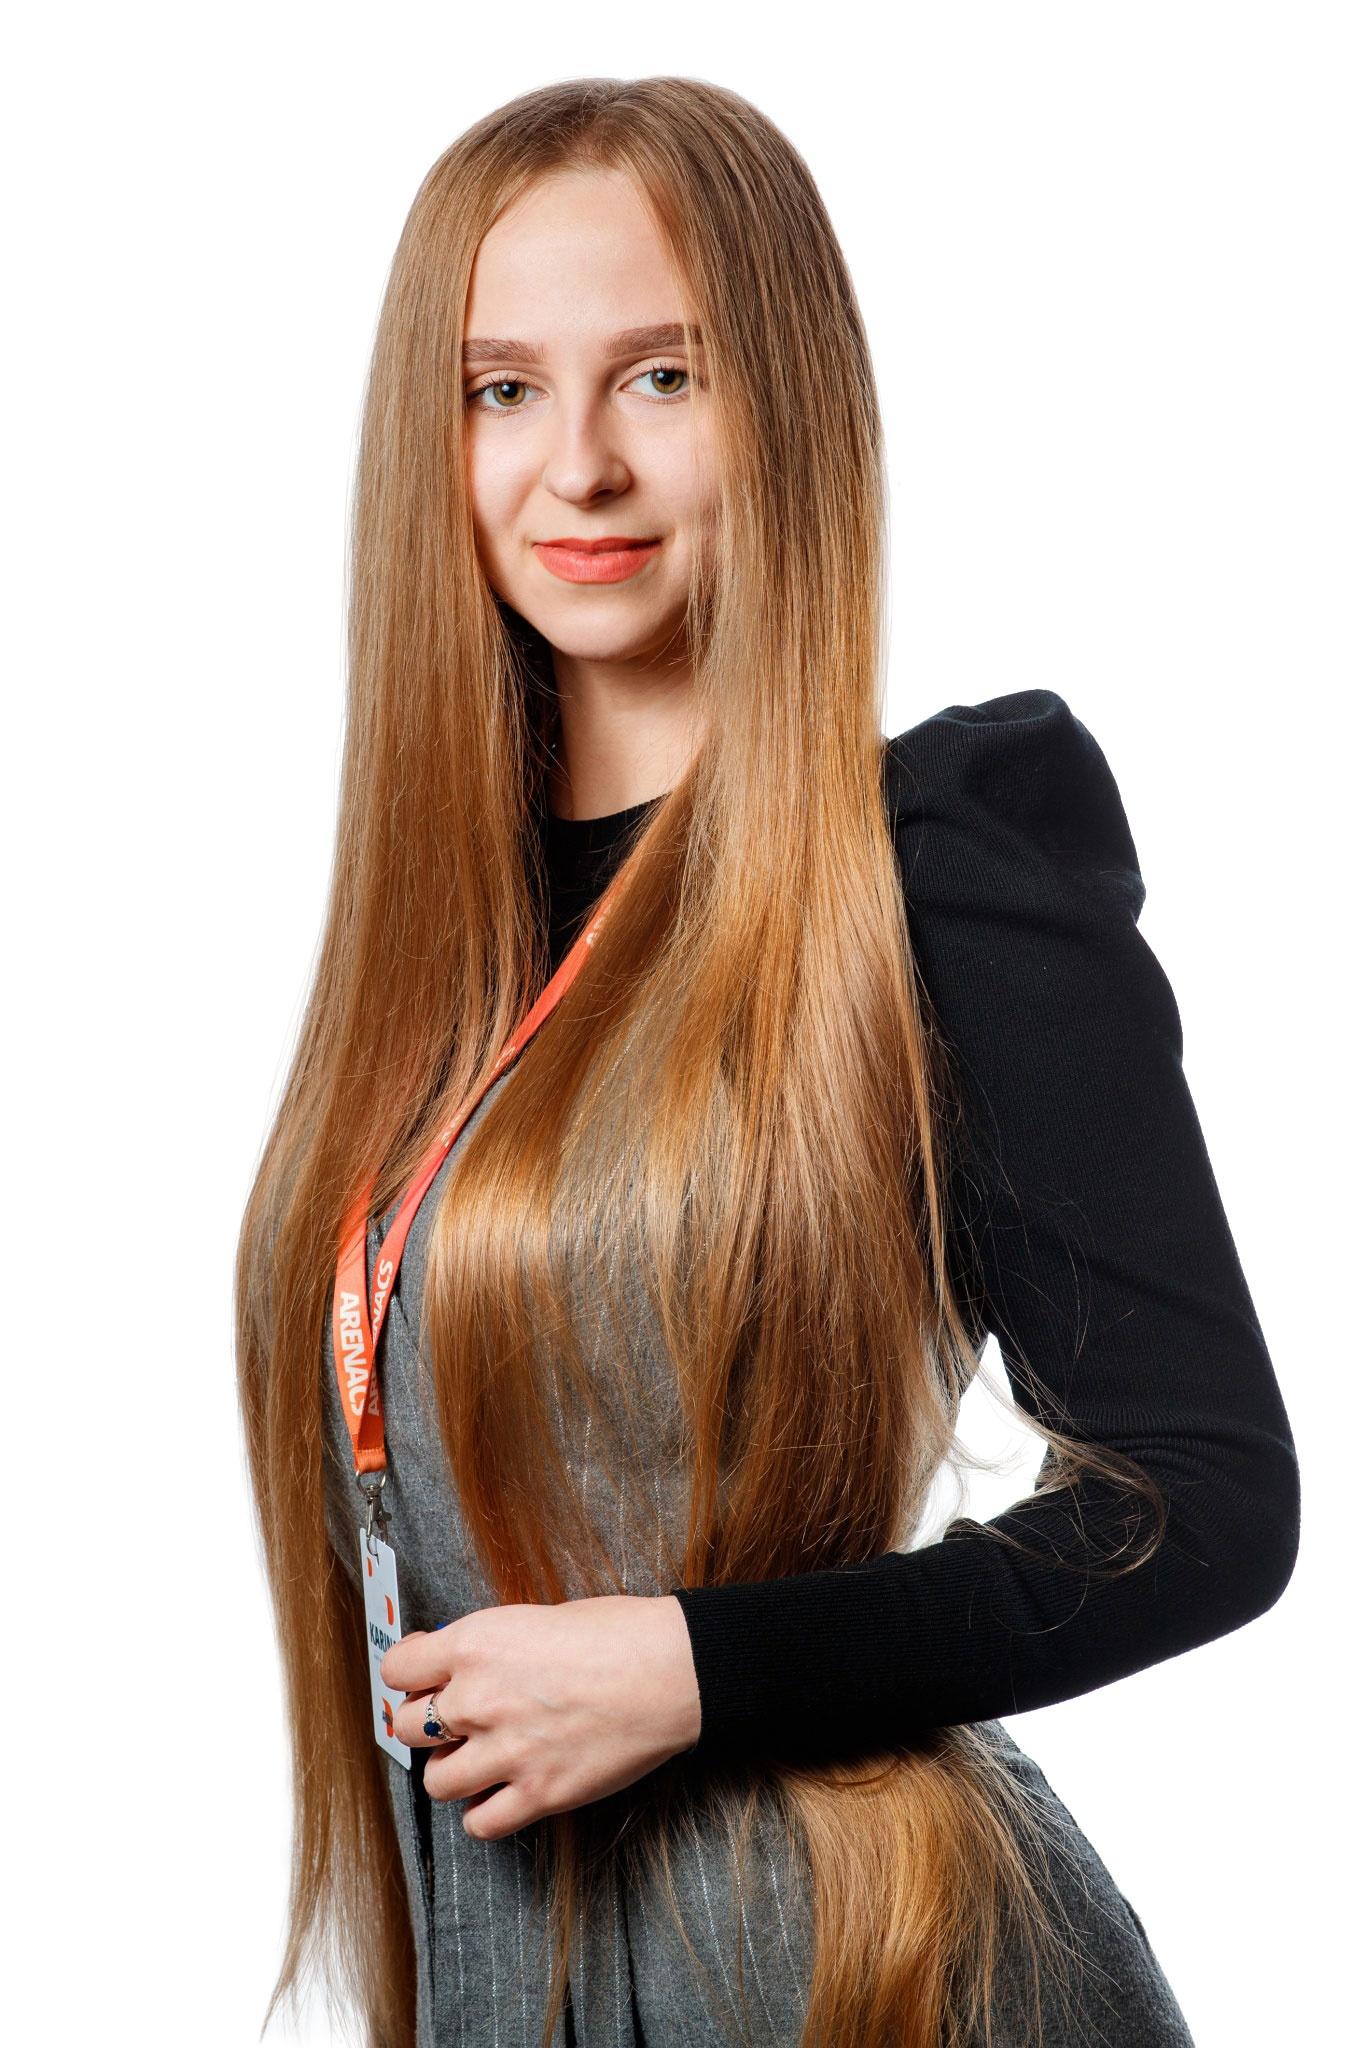 Karina Kobets